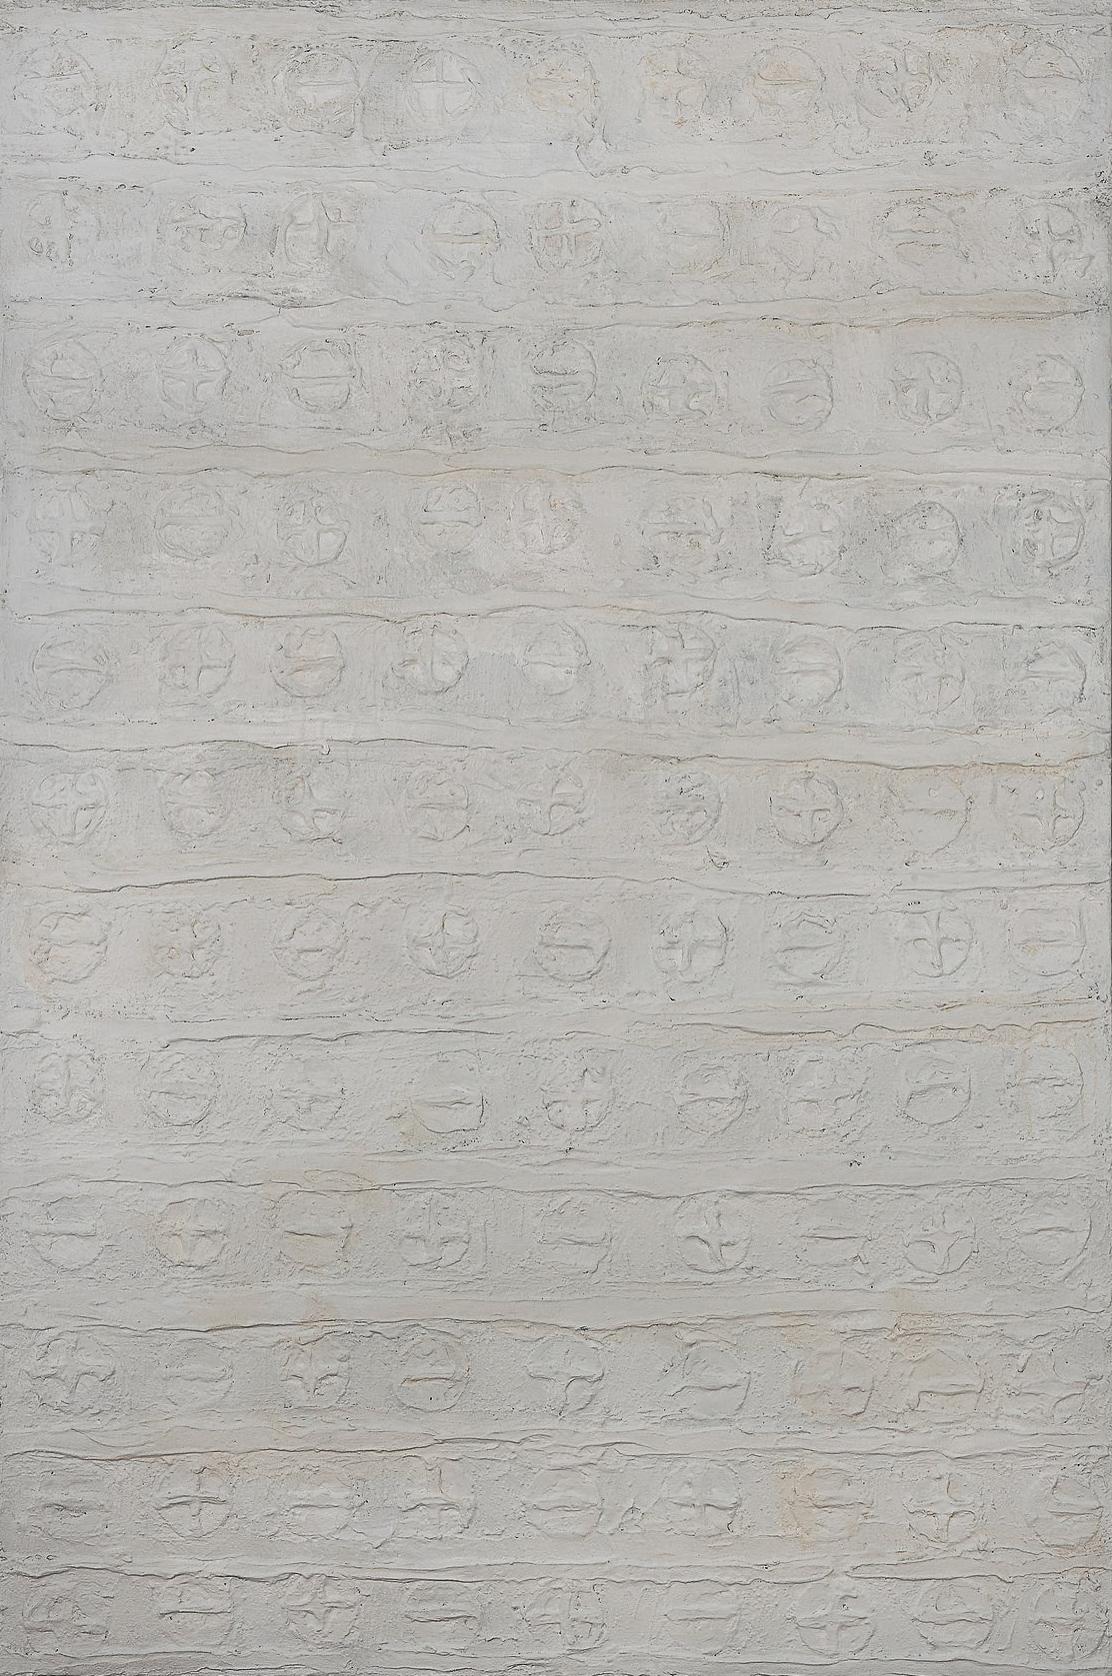 O. T., 2011, Mischtechnik auf Leinwand, 120 x 90 cm